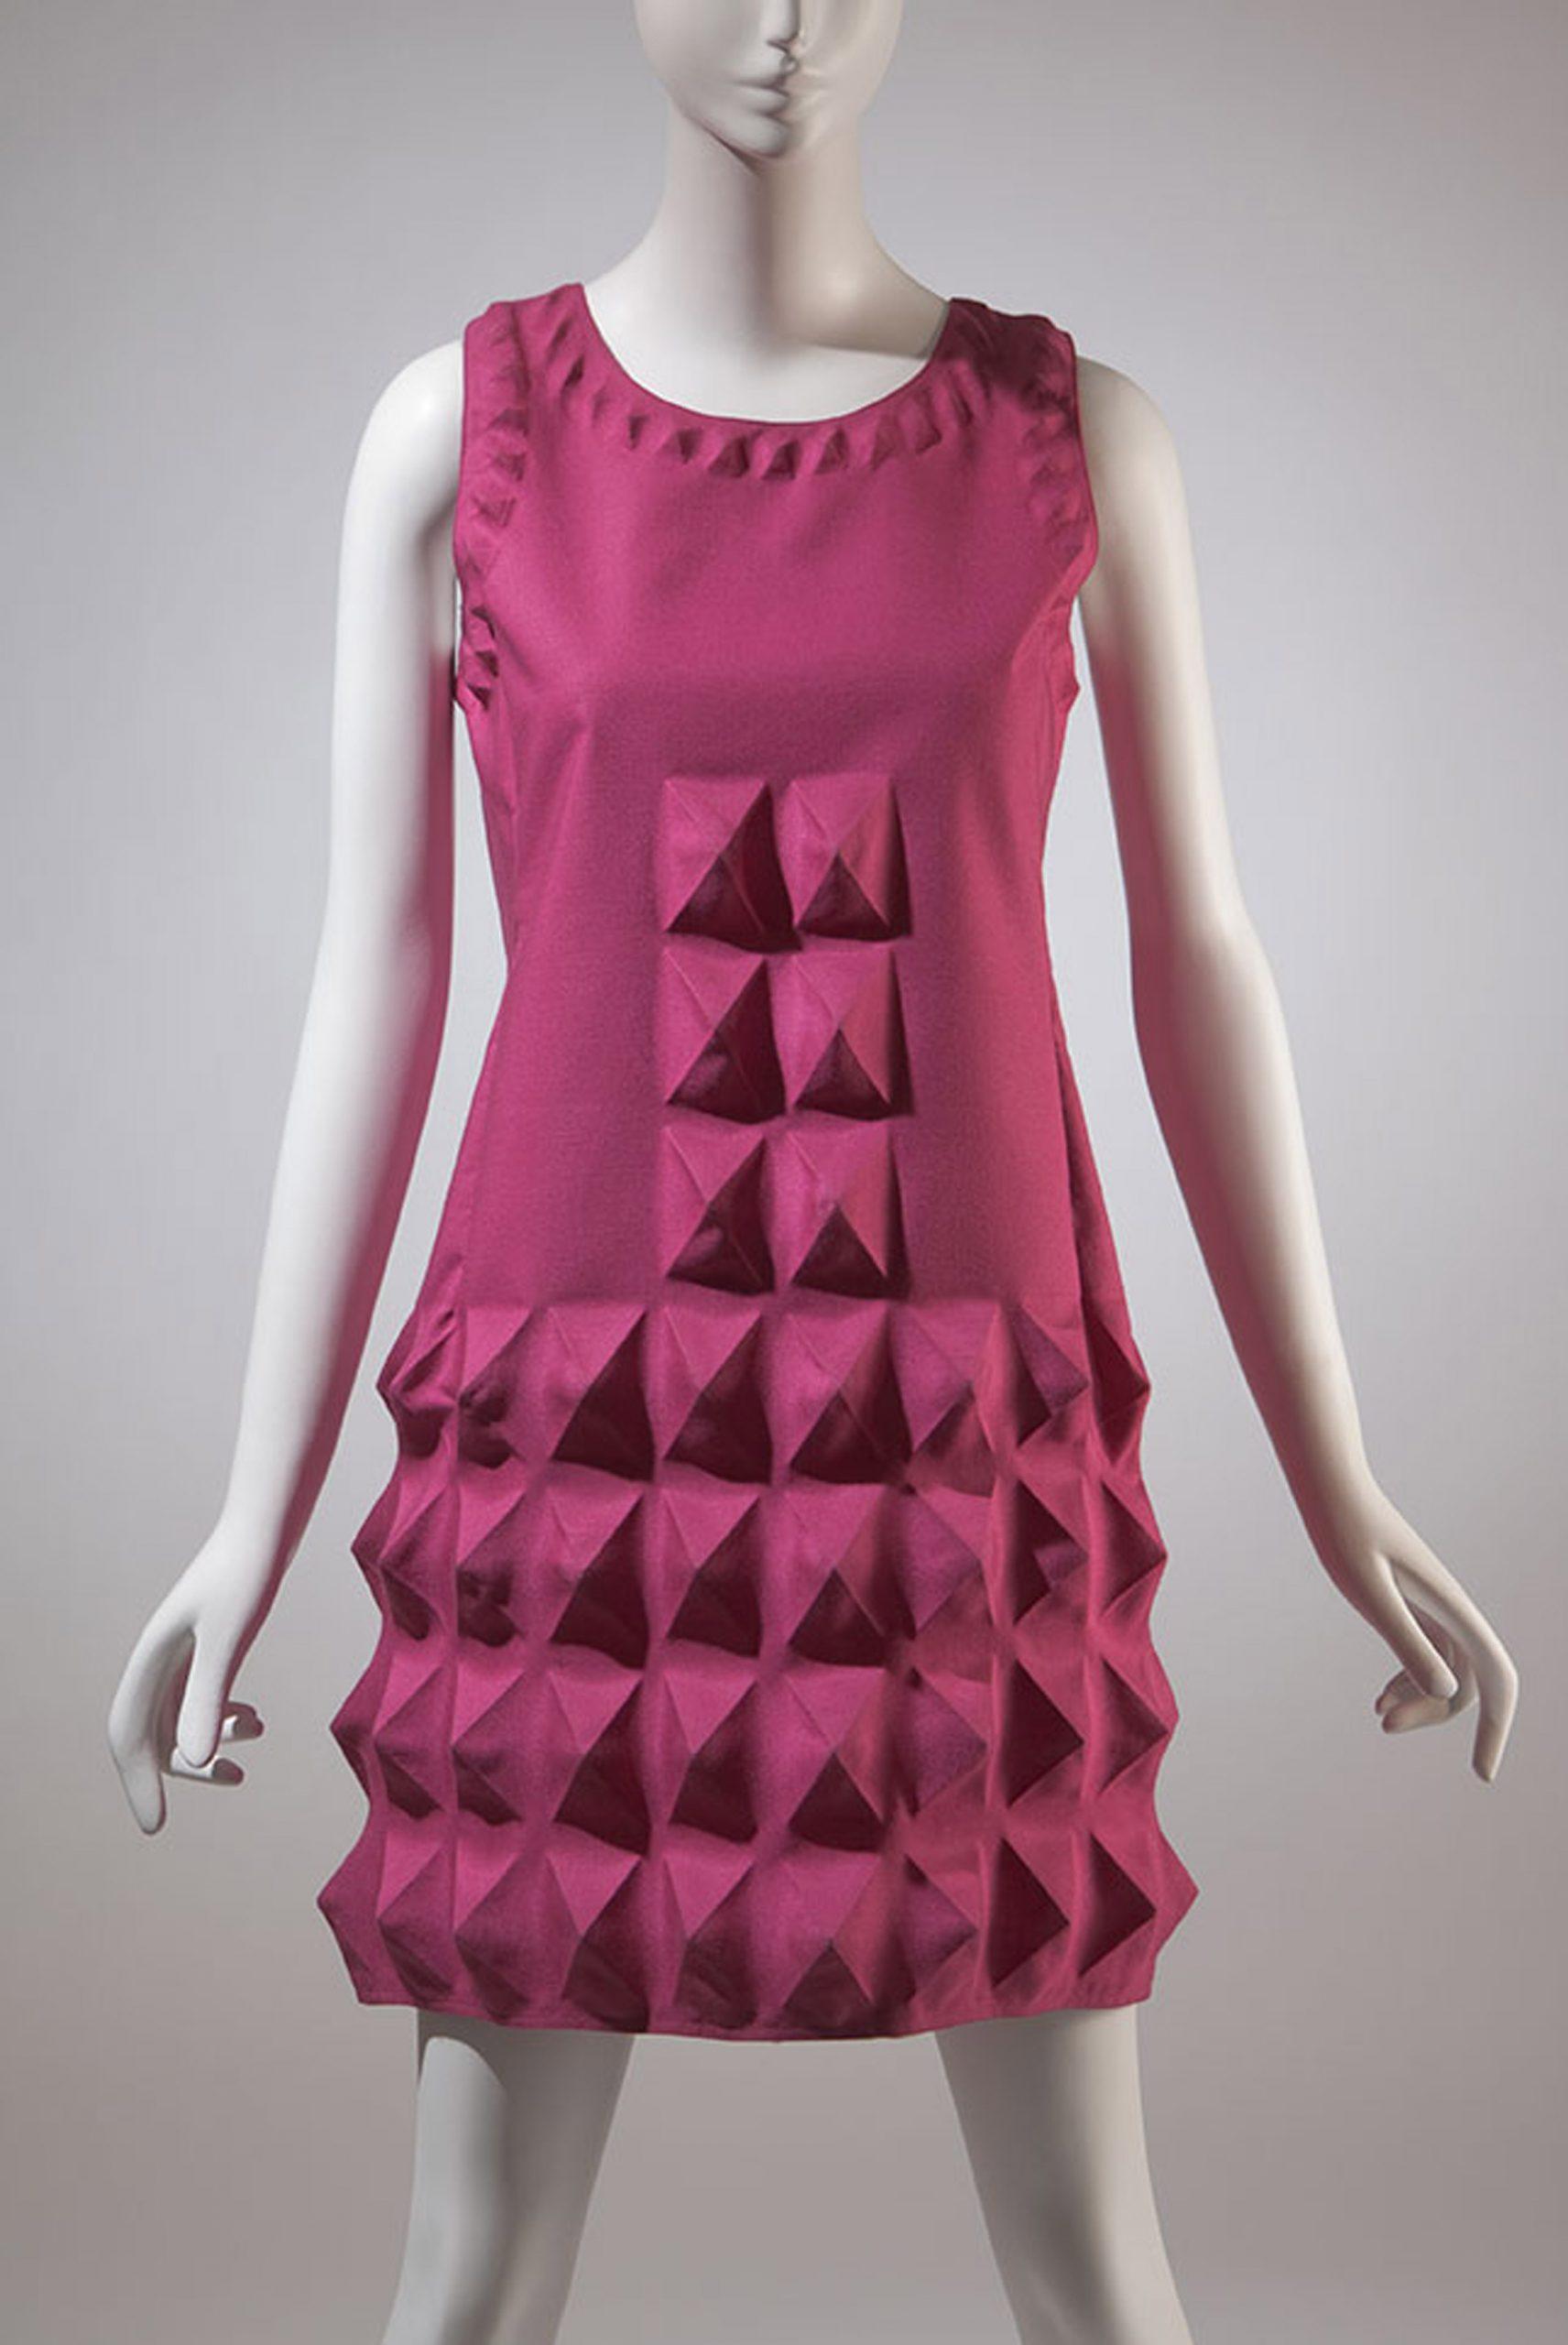 Pink Pierre Cardin dress